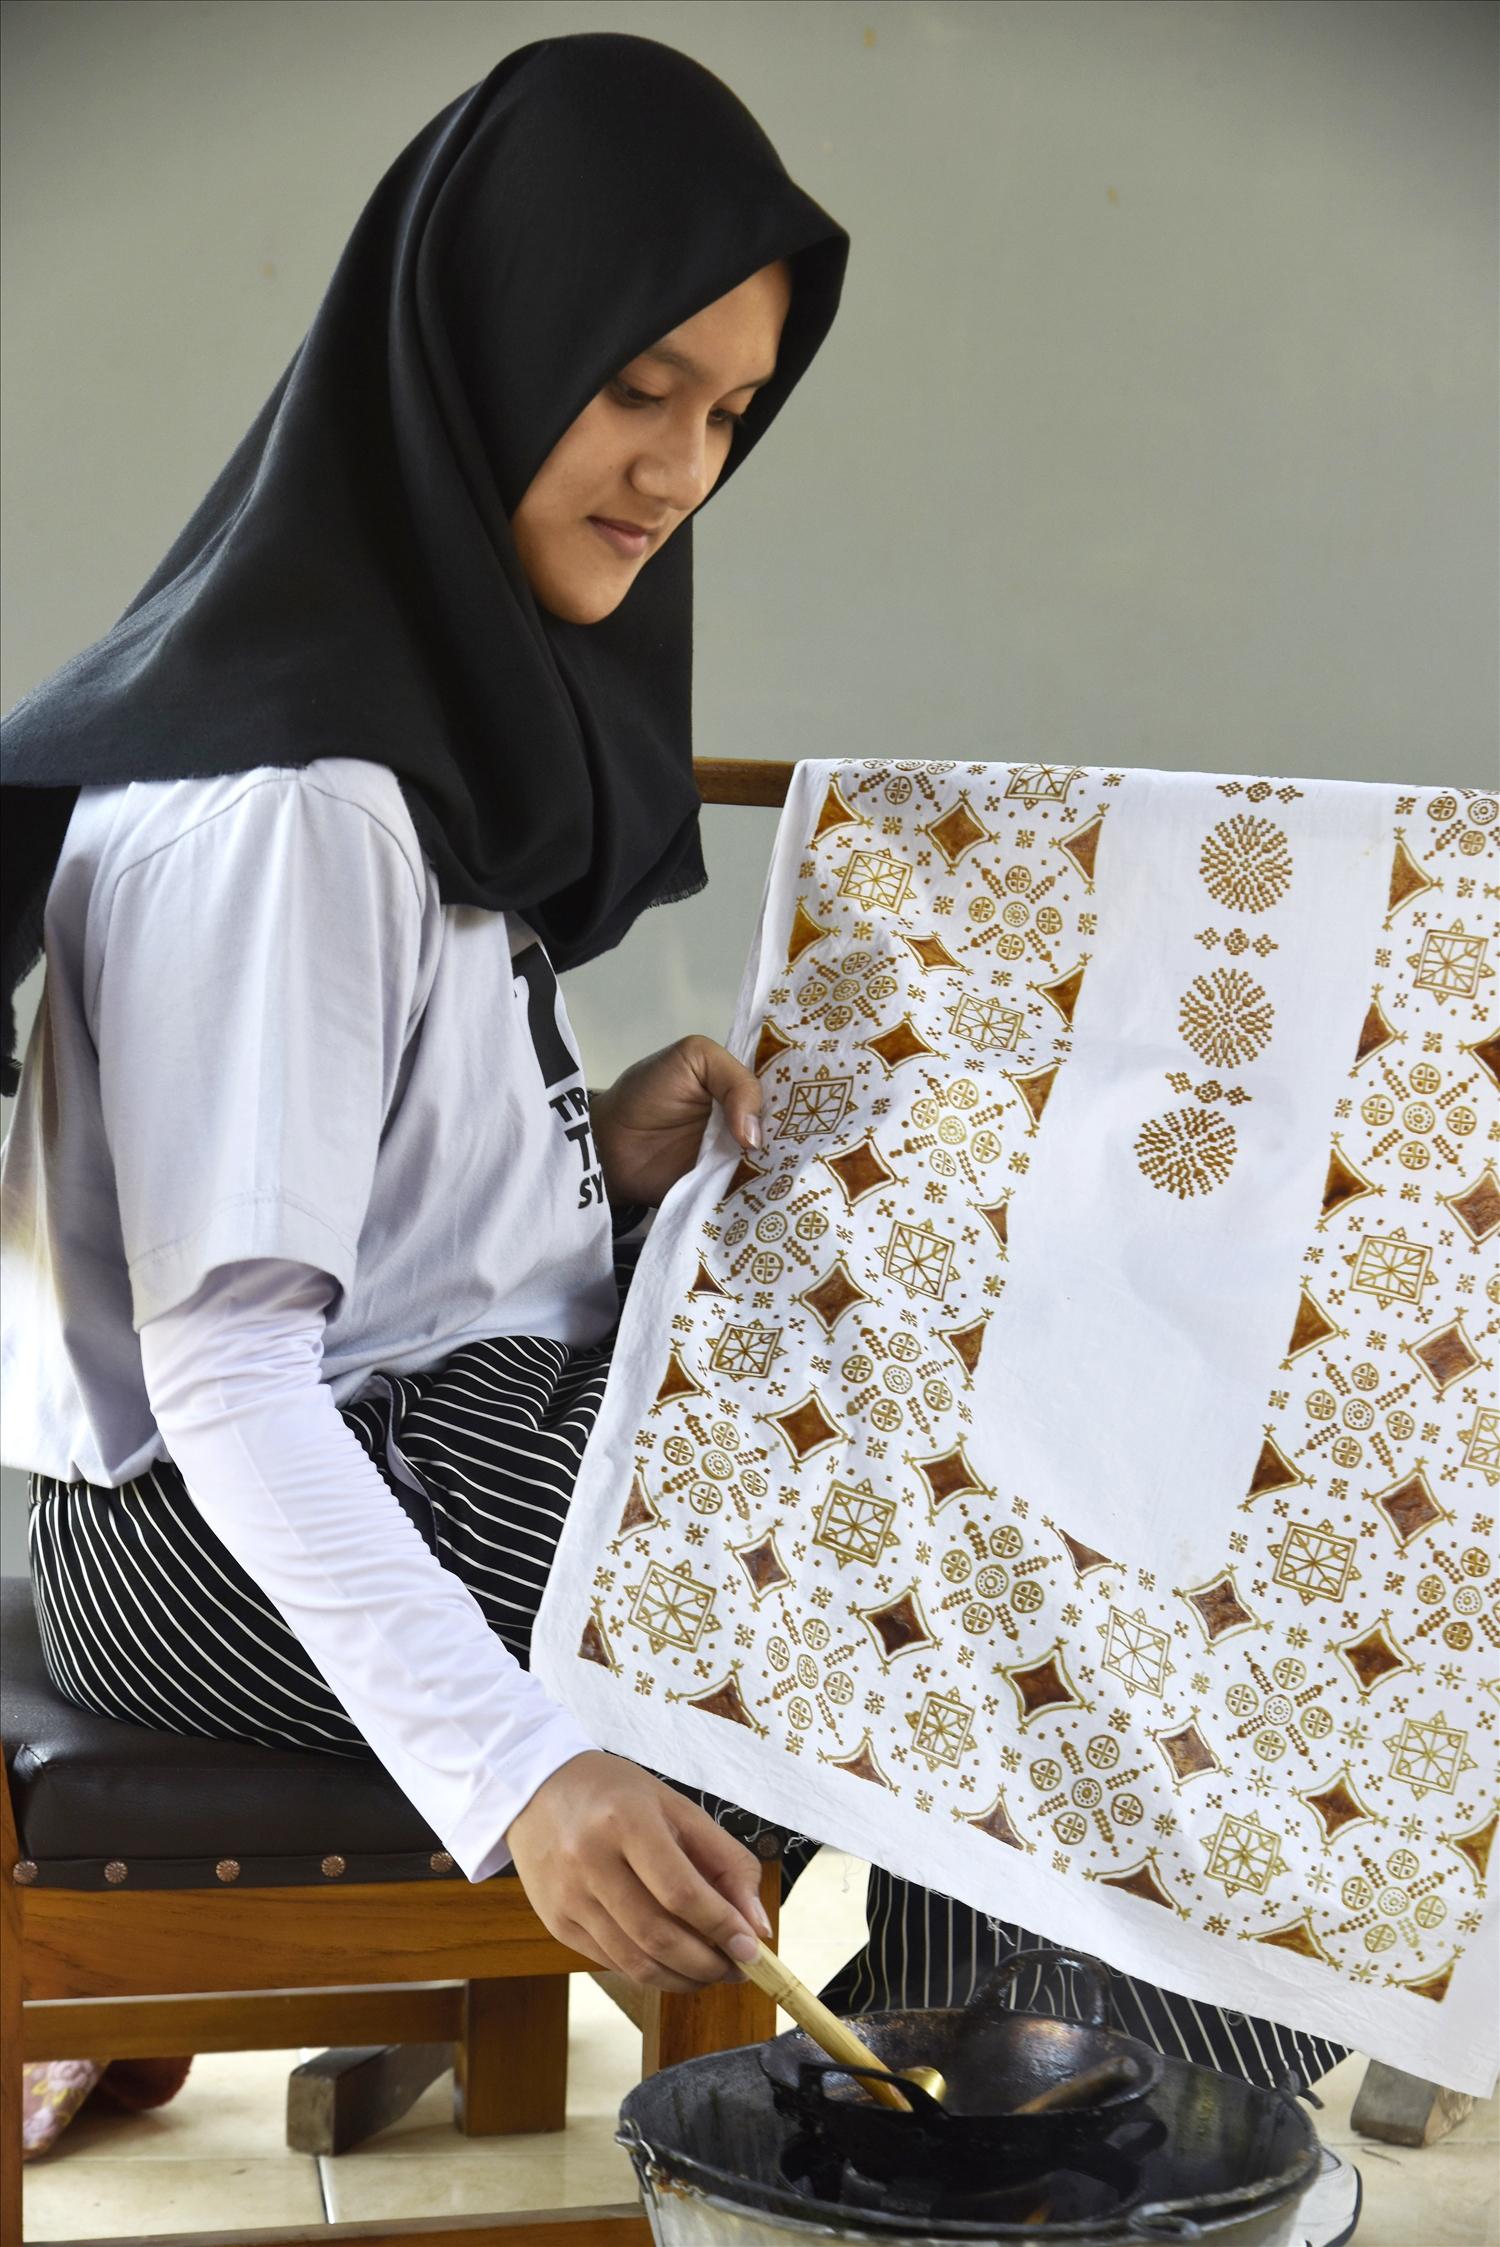 Vẽ sáp ong trên vải để tạo hoa văn batik